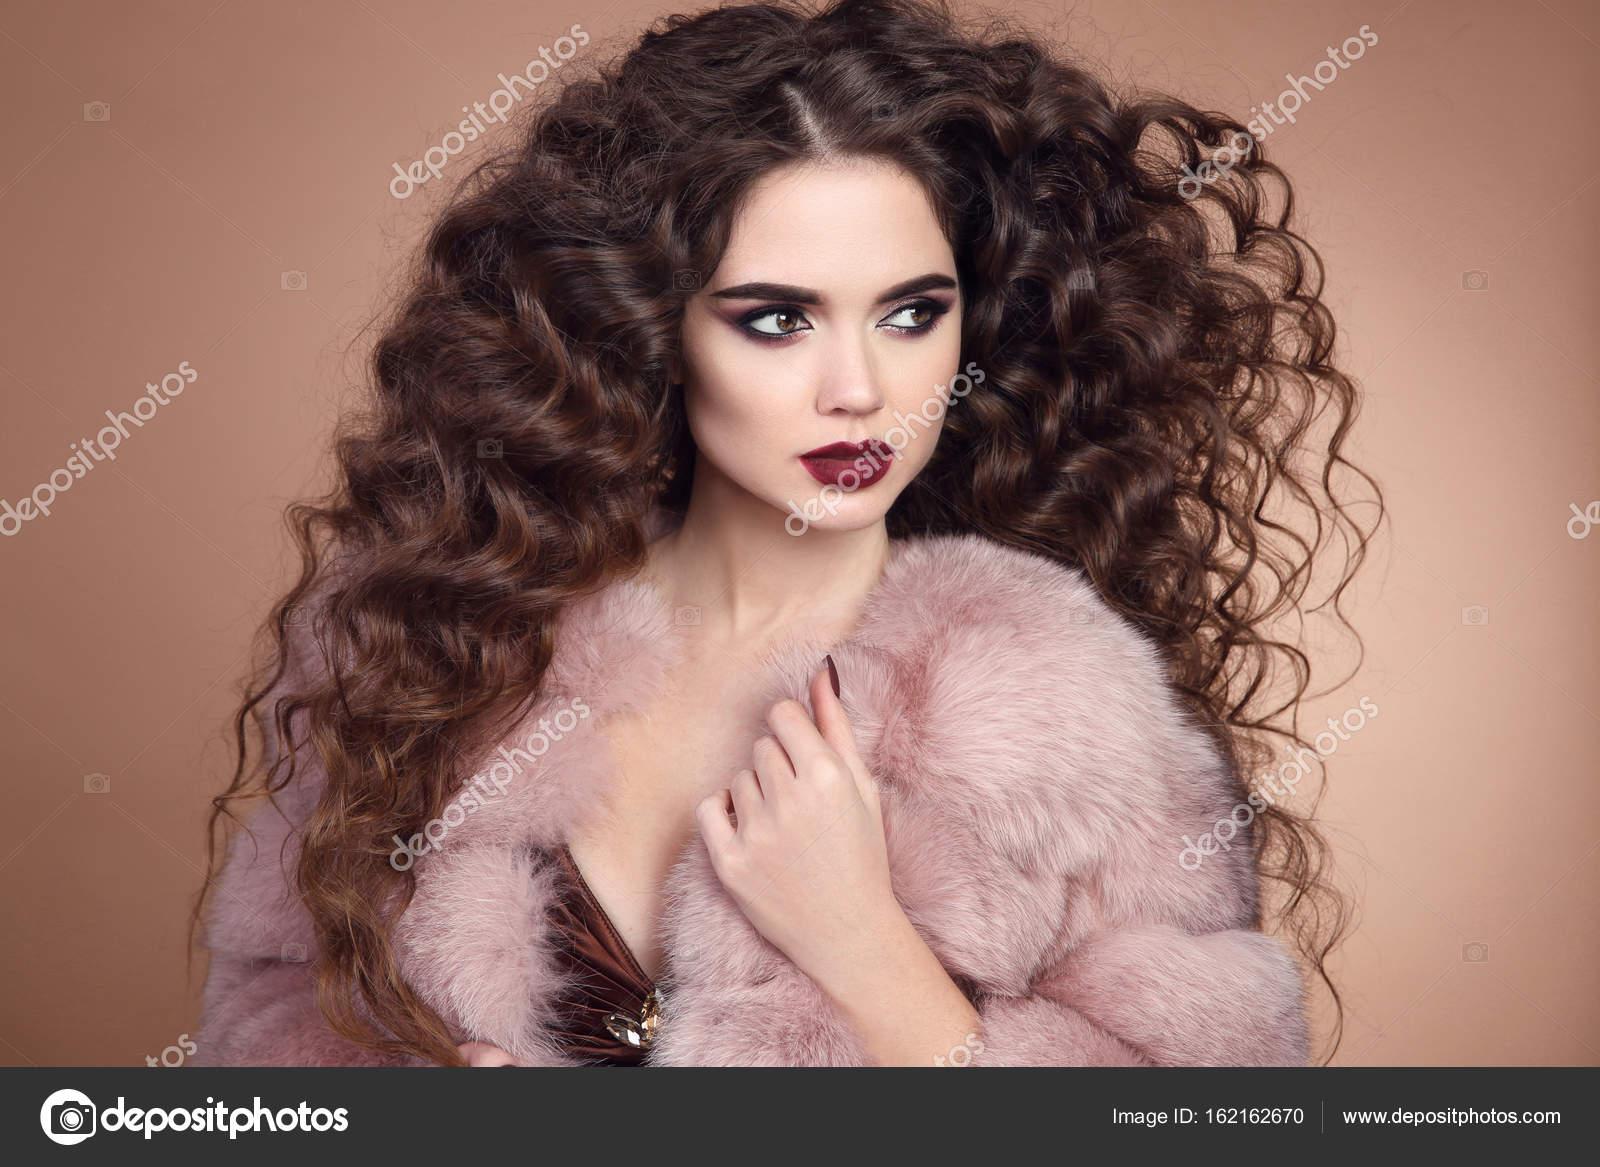 Kadın güzelliği ve saçlar